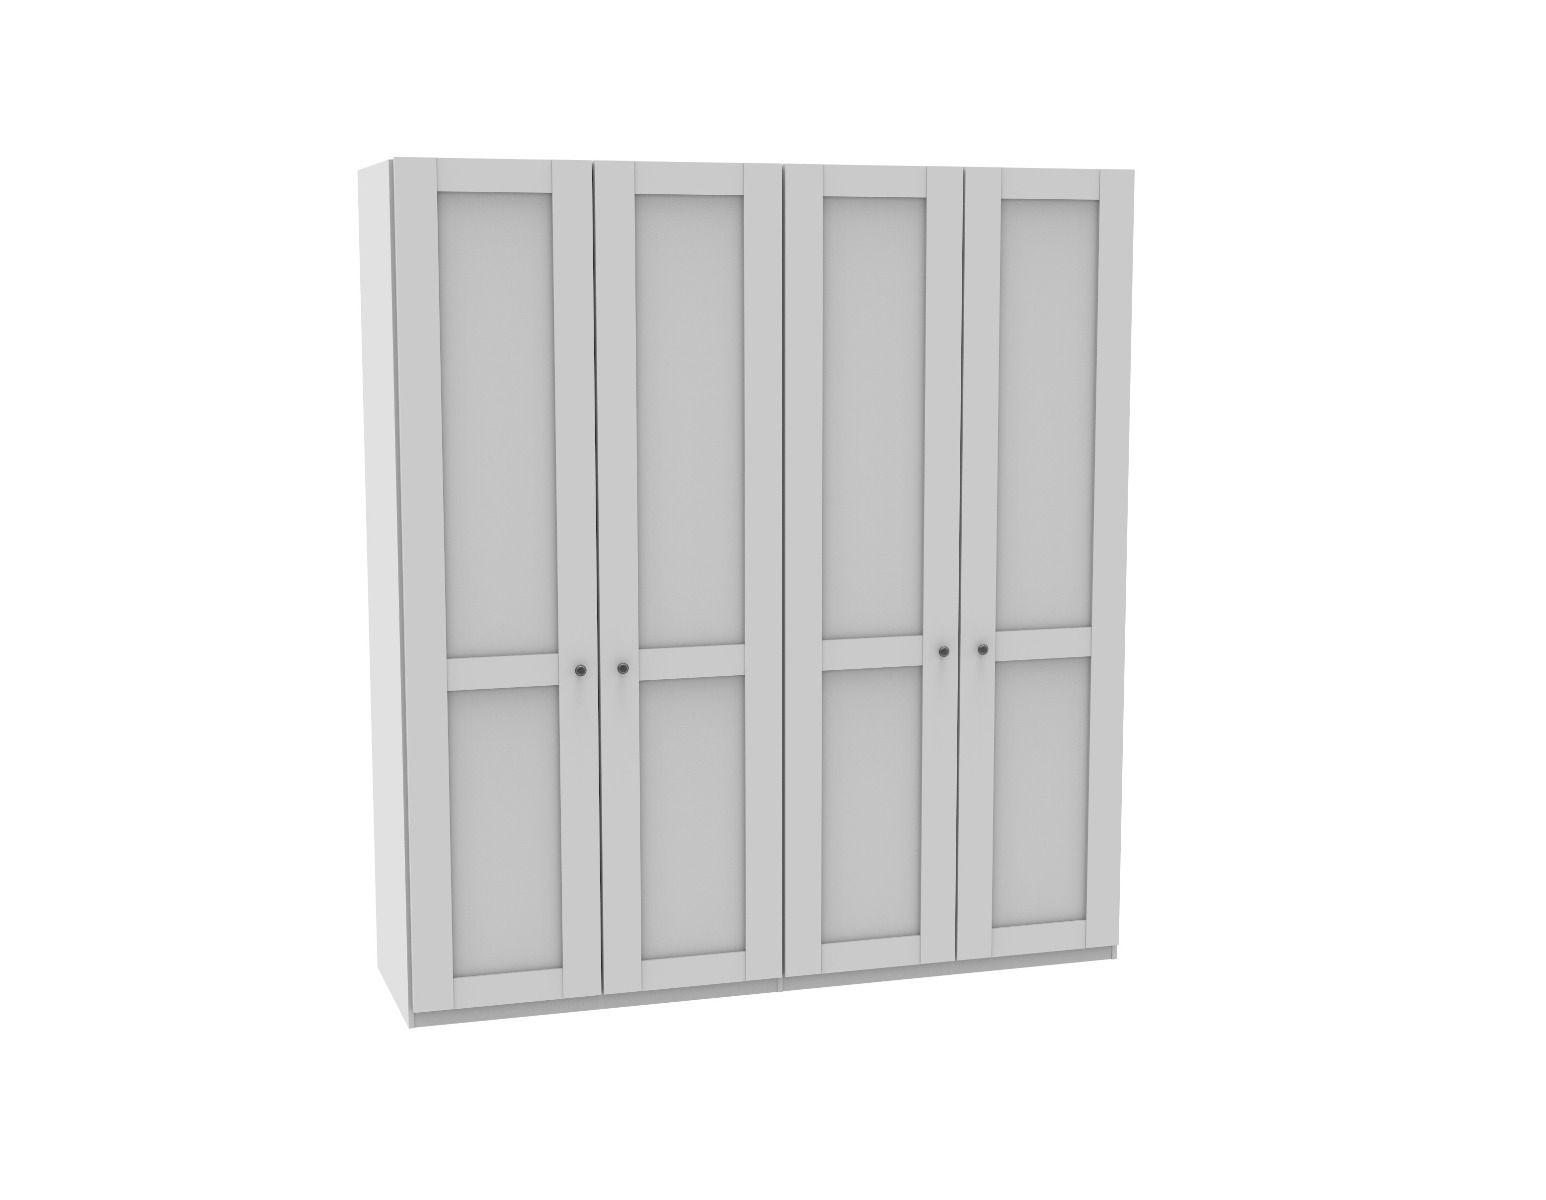 Draaideurkast Sloane - 4 deuren